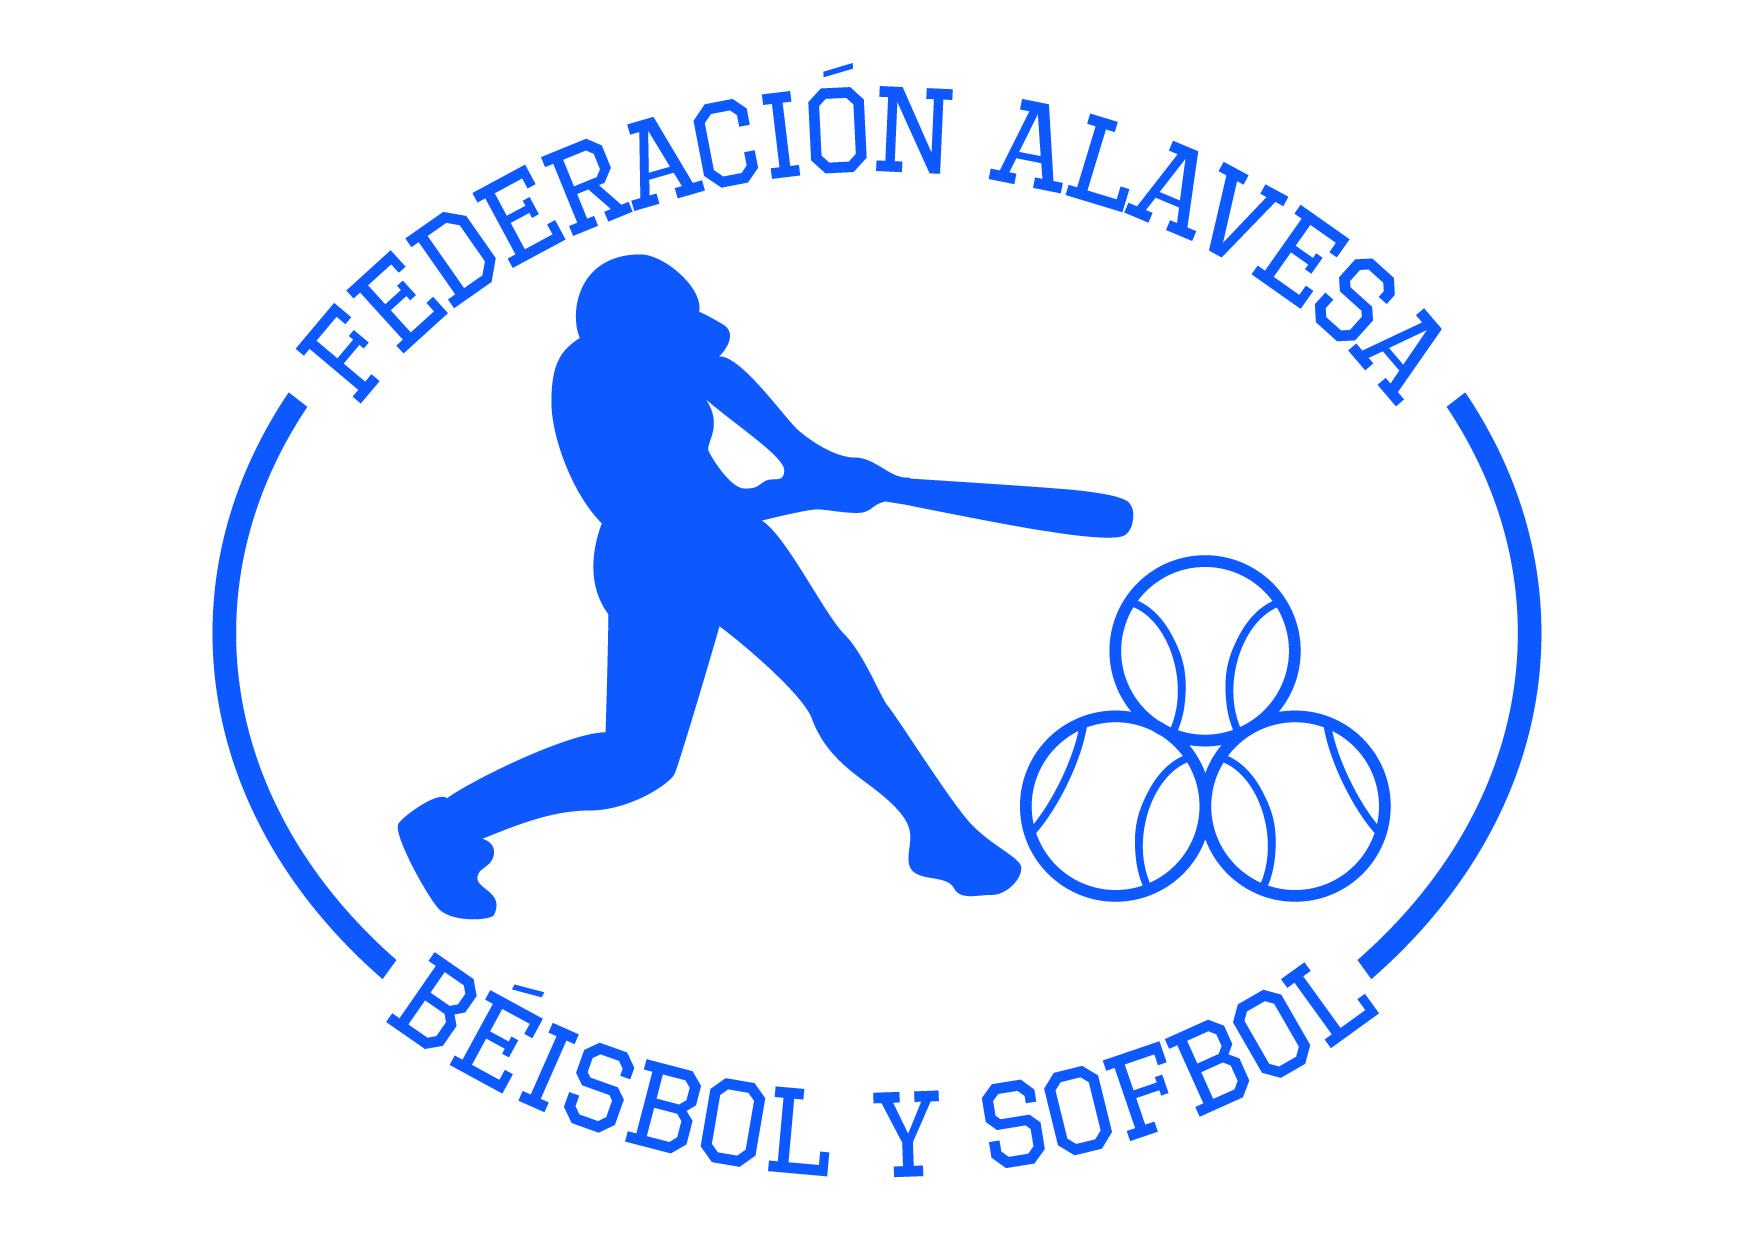 Logotipo Federación Alavesa de Béisbol y Sofbol